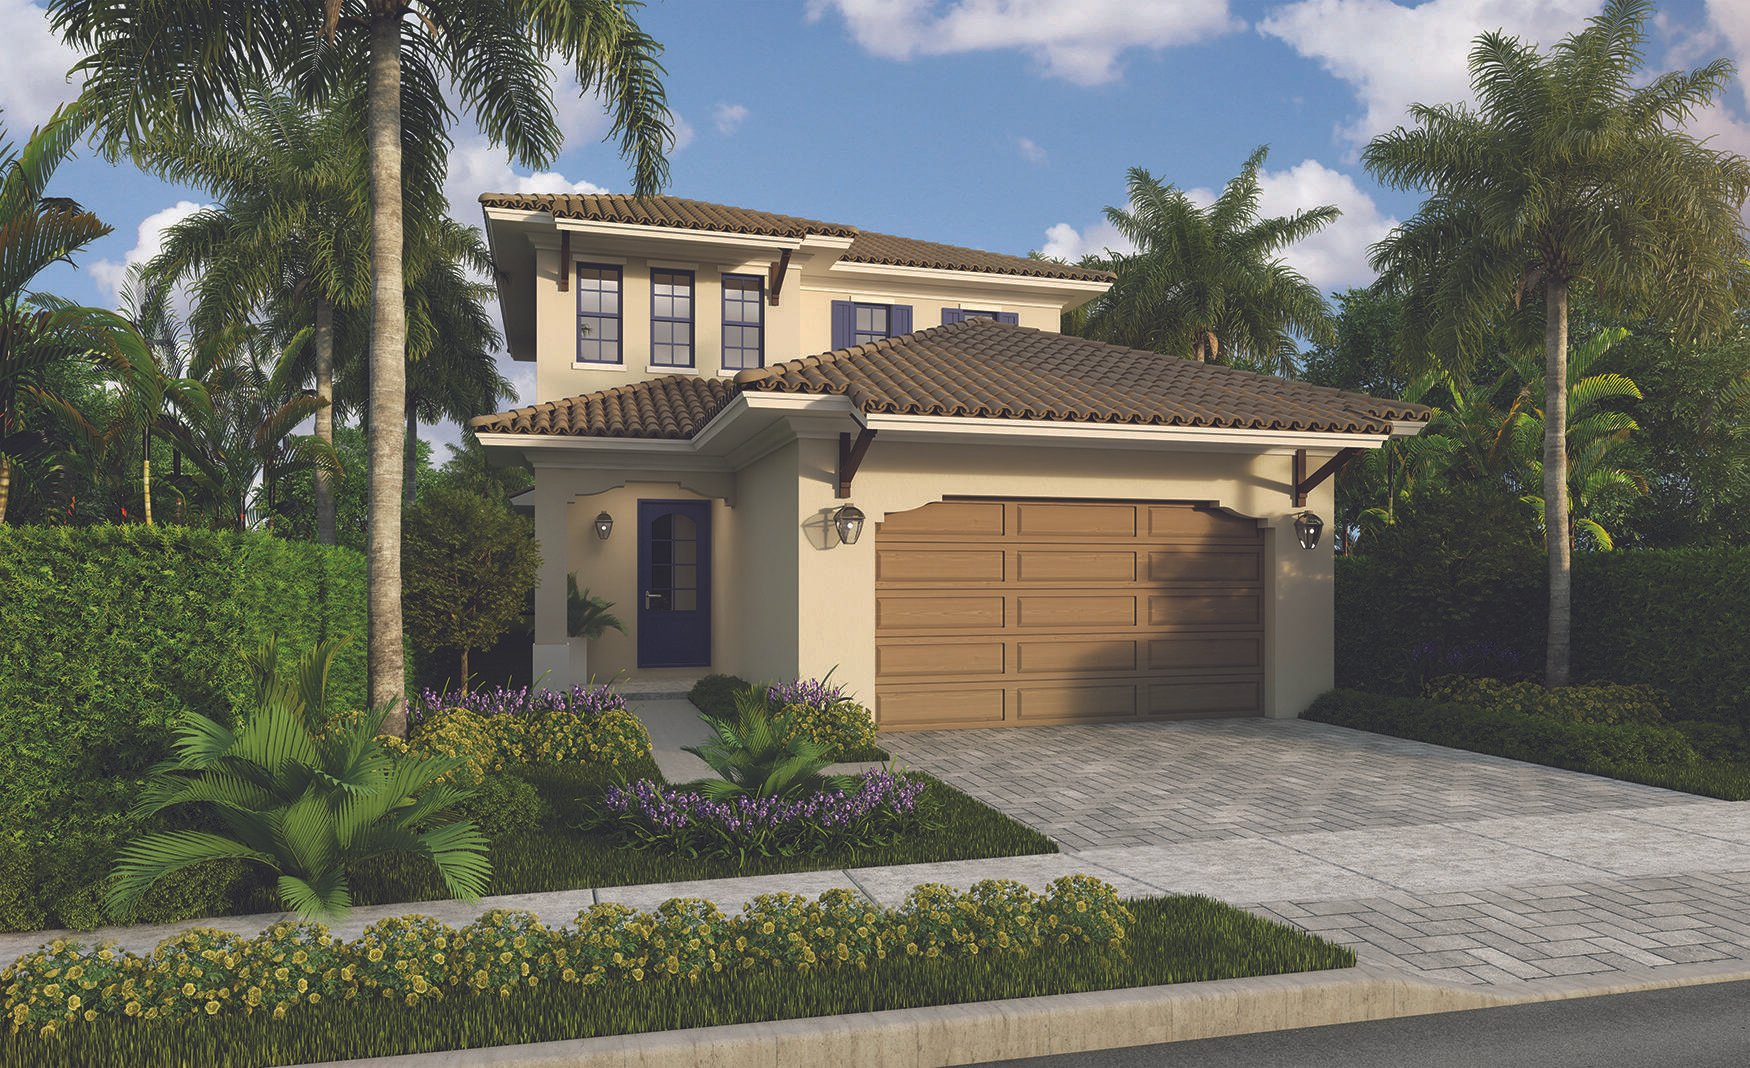 Casa a Port St. Lucie, Florida, Stati Uniti 1 - 11421758